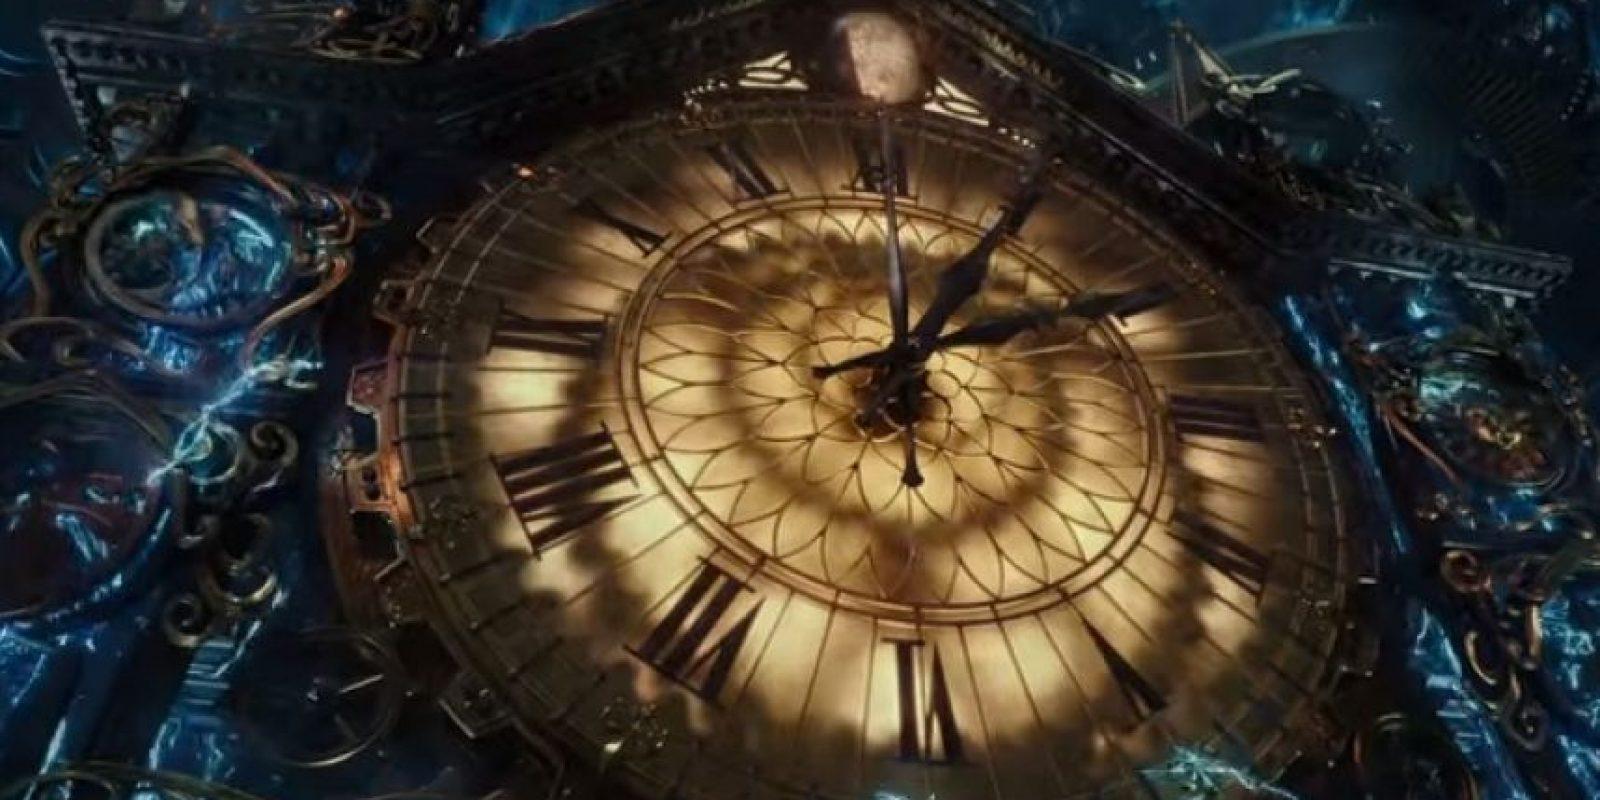 El estreno de la cinta está previsto para el 27 de mayo de 2016. Foto:Disney